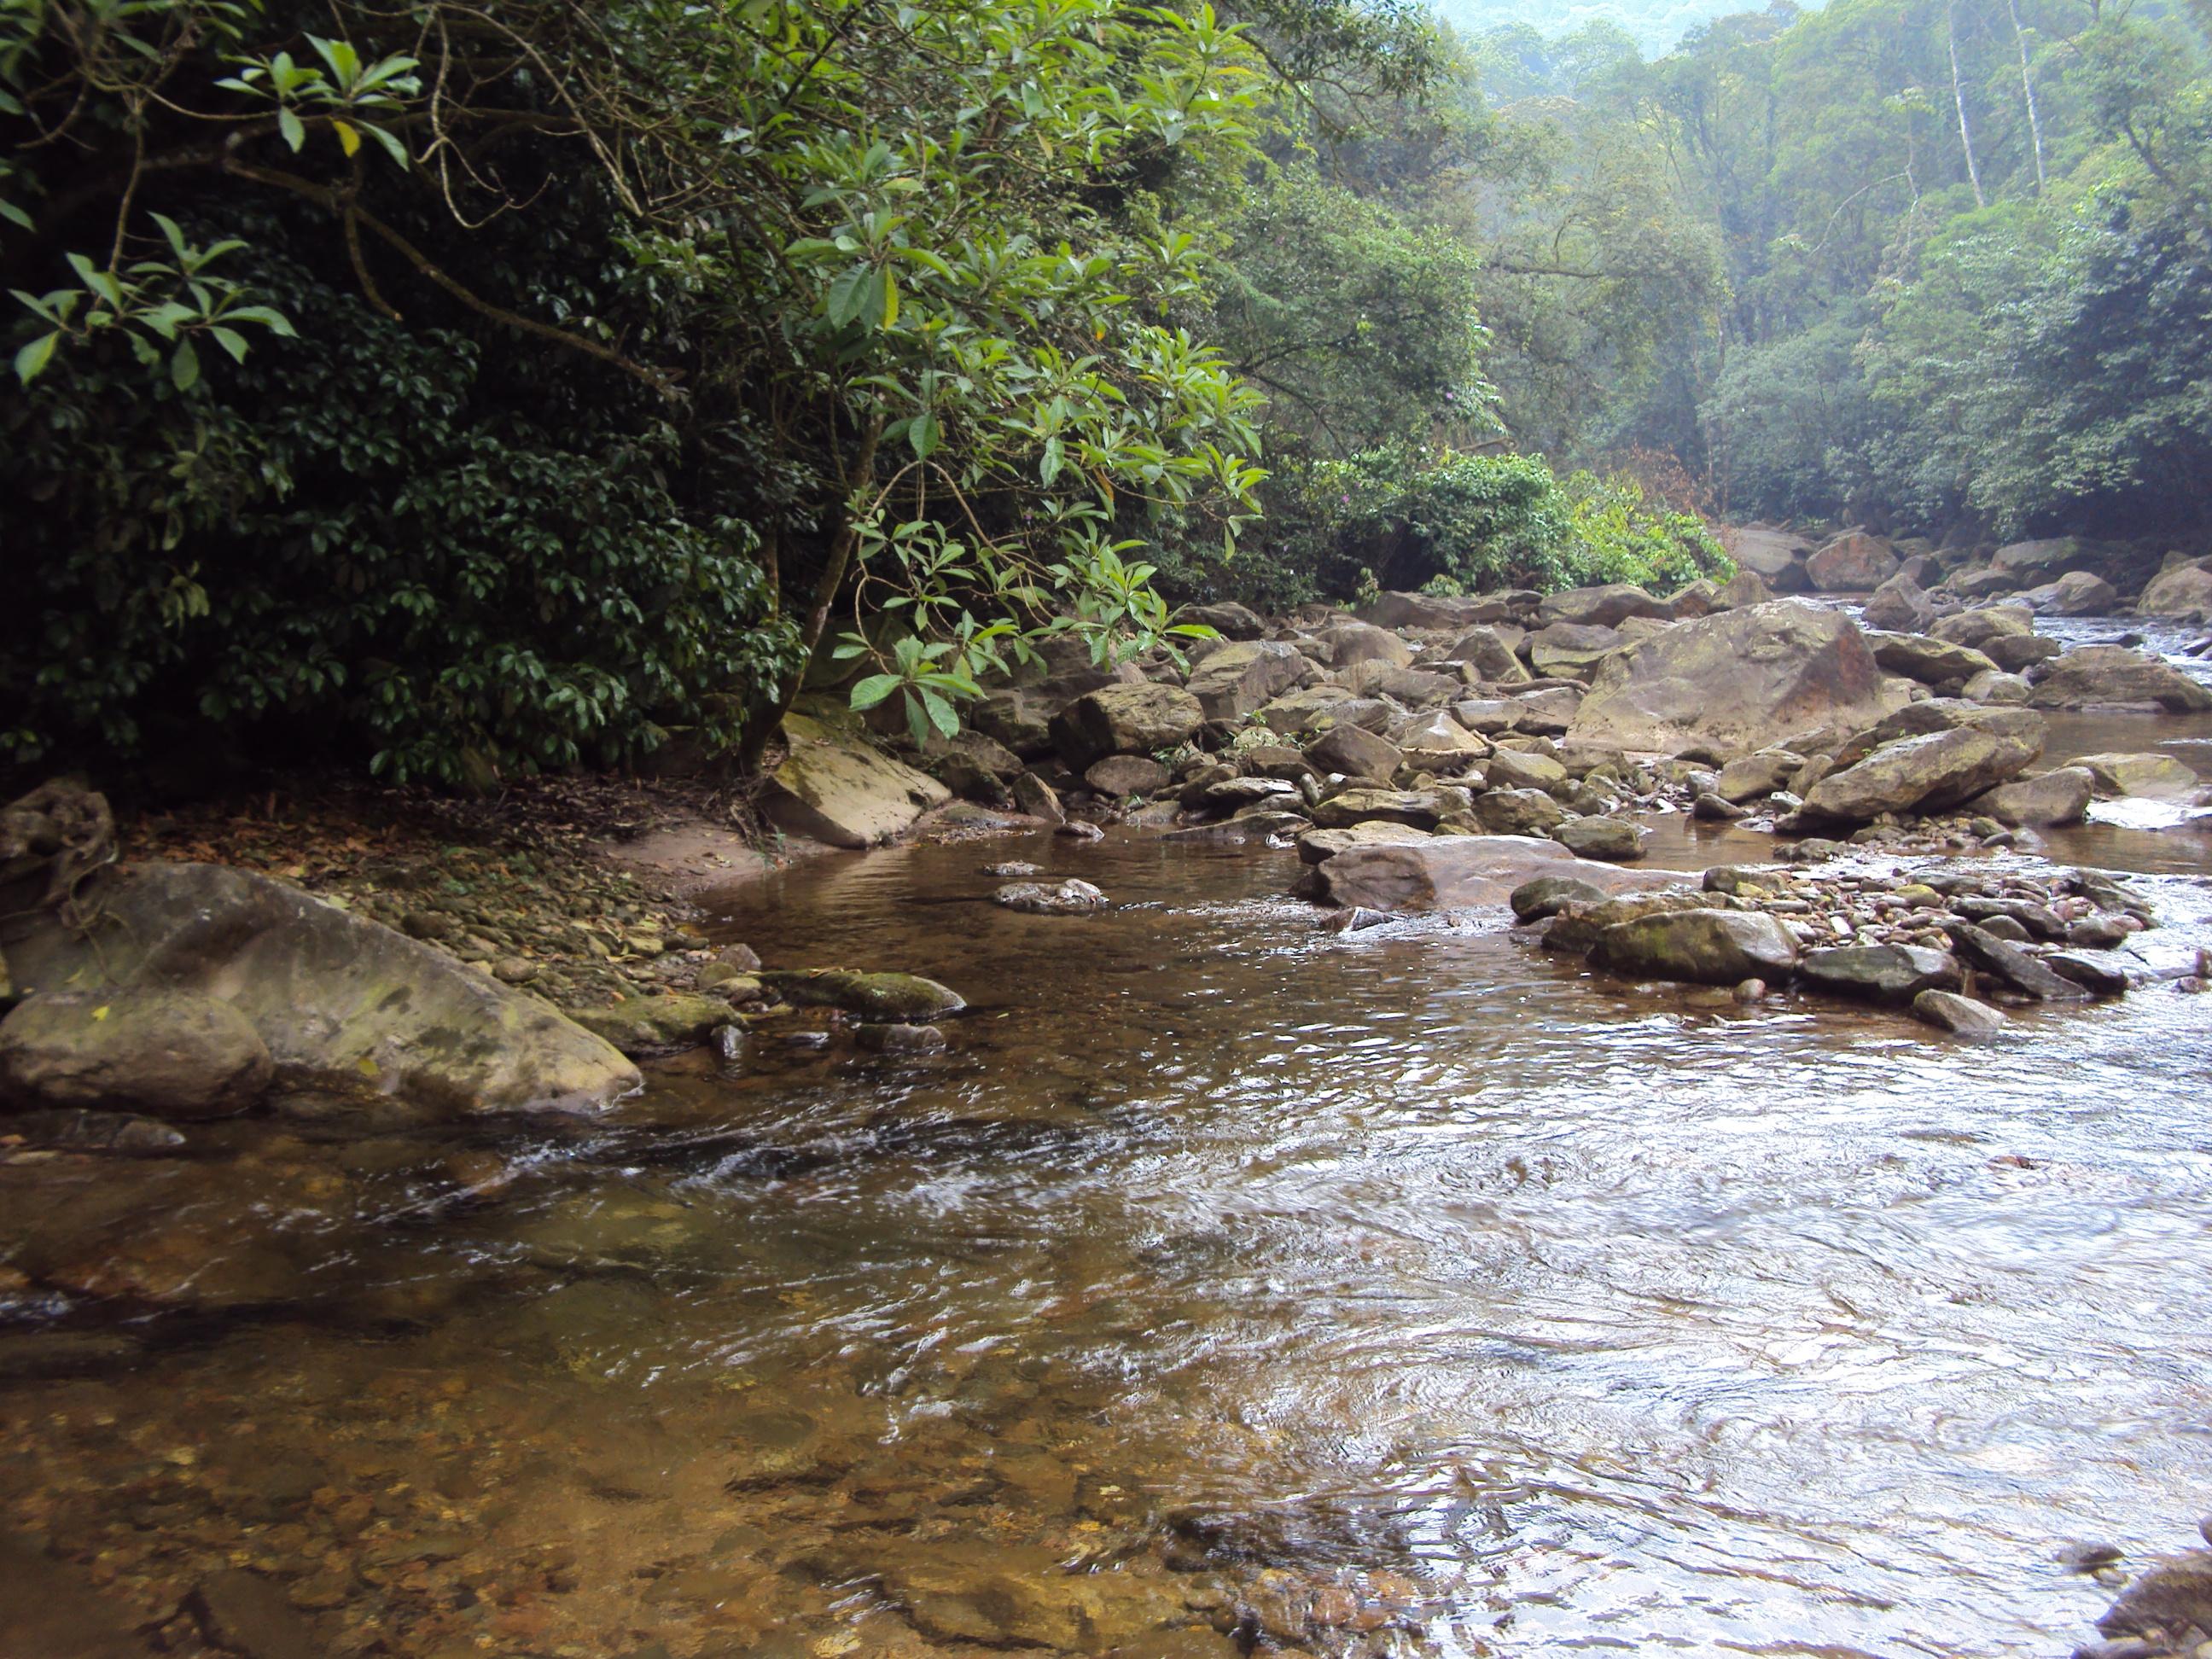 Vale das cachoeiras novembro 2014 009.jpg